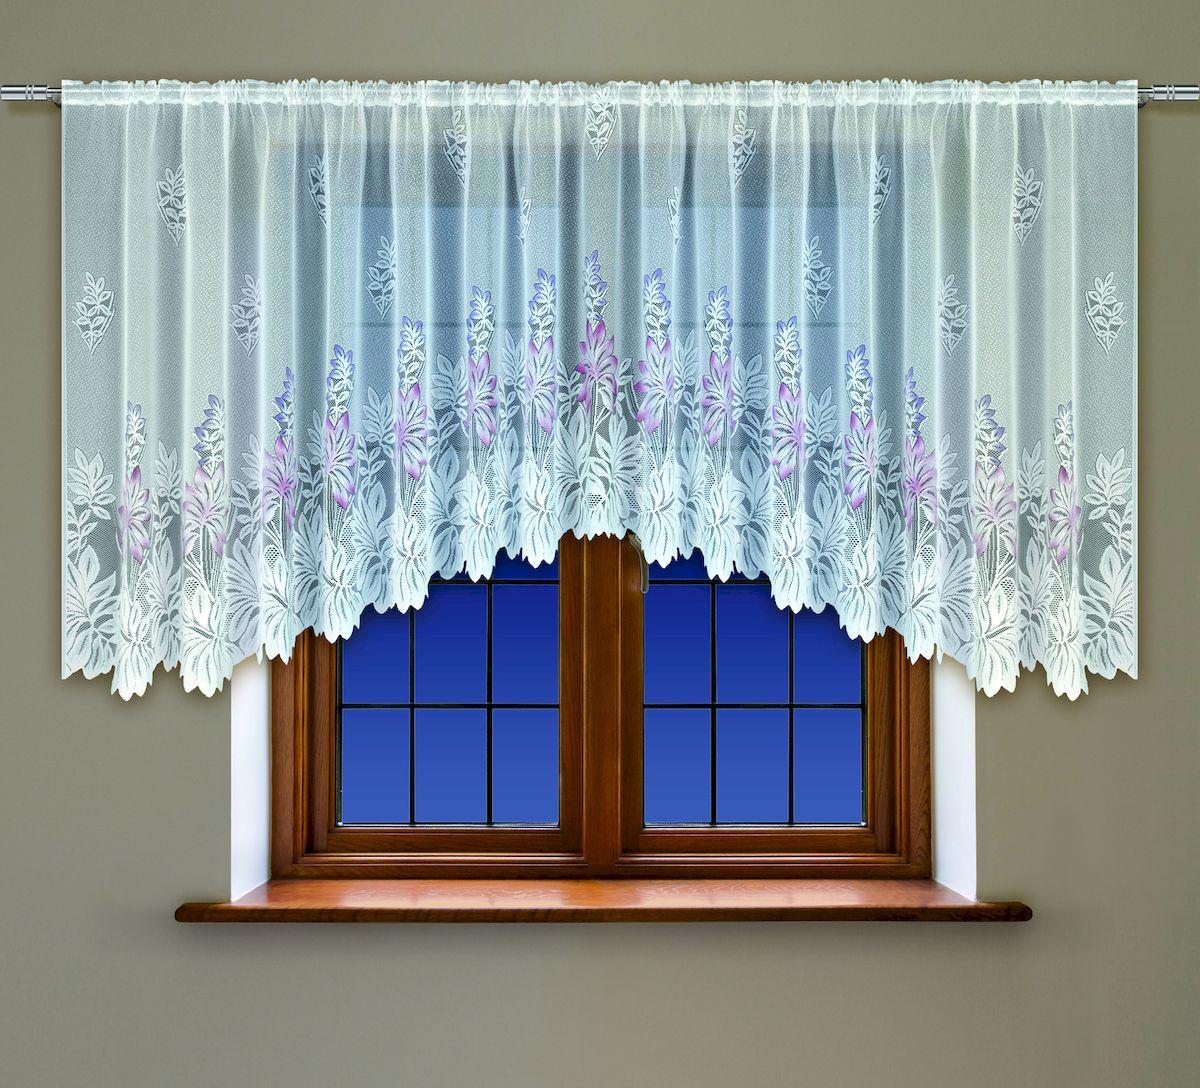 Гардина Haft, на кулиске, цвет: белый, высота 160 см. 200530200530/160Воздушная гардина Haft, выполненная из полиэстера, великолепно украсит любое окно. Изделие имеет оригинальный дизайн и органично впишется в интерьер помещения. Гардина крепится на карниз при помощи кулиски.